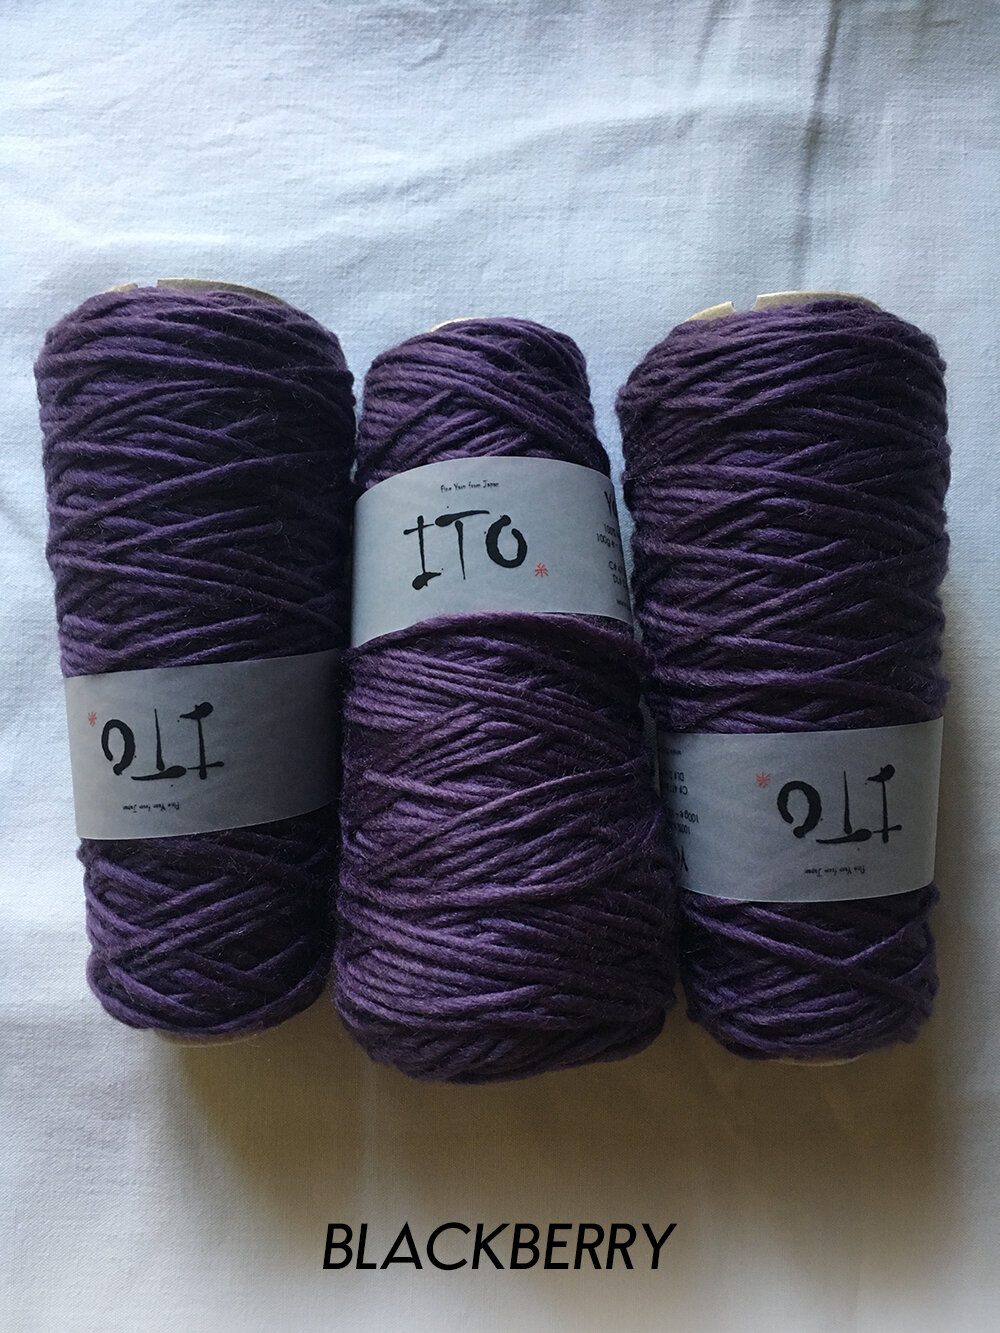 ito_yomo_blackberry_477_wool_done_knitting.jpg